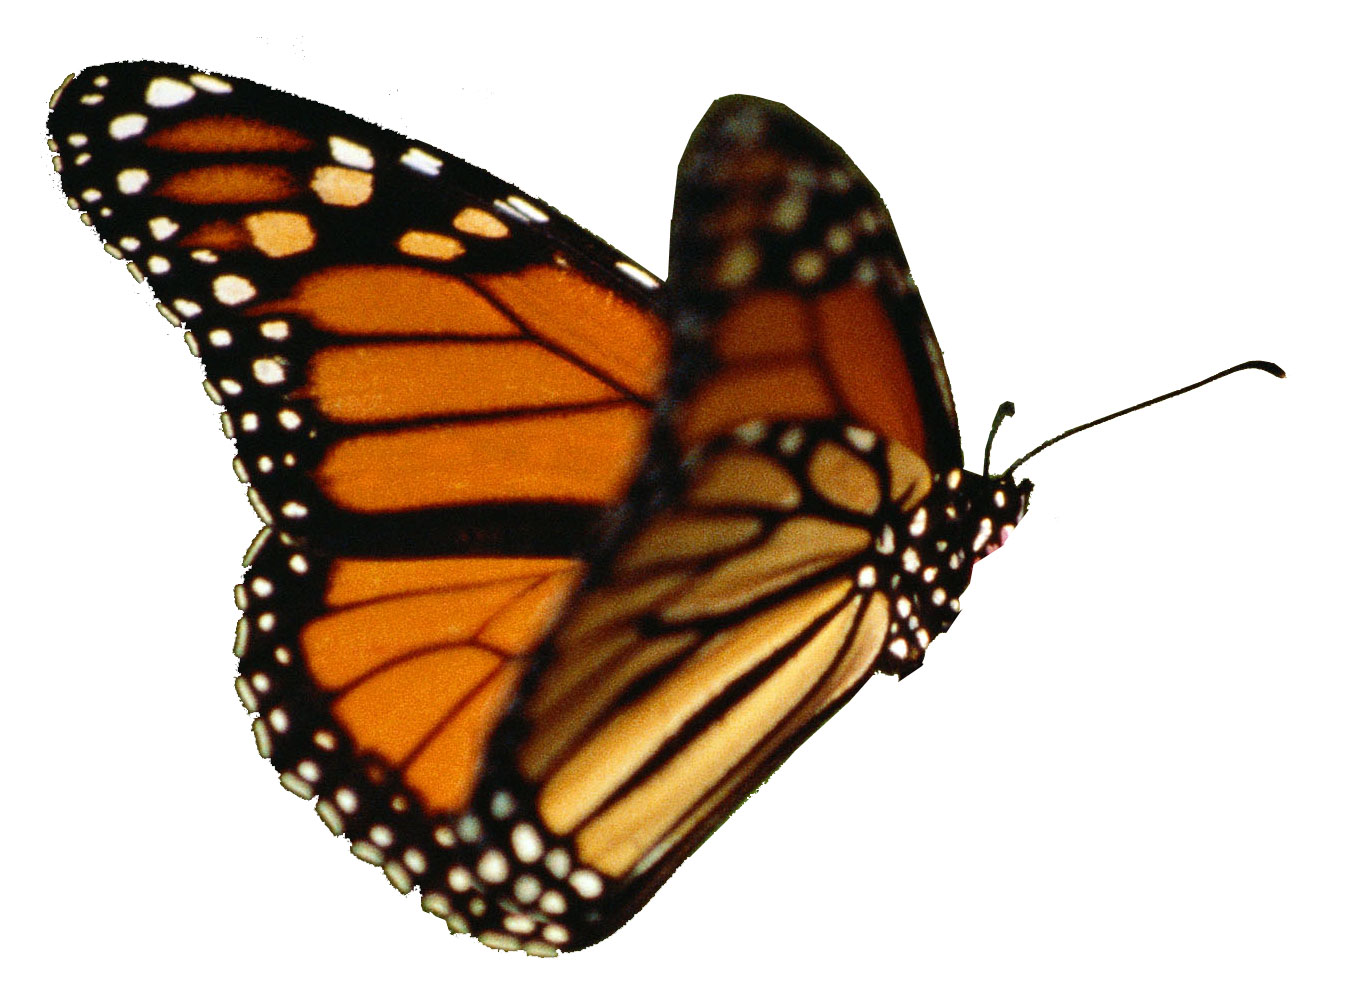 Butterfly no legs